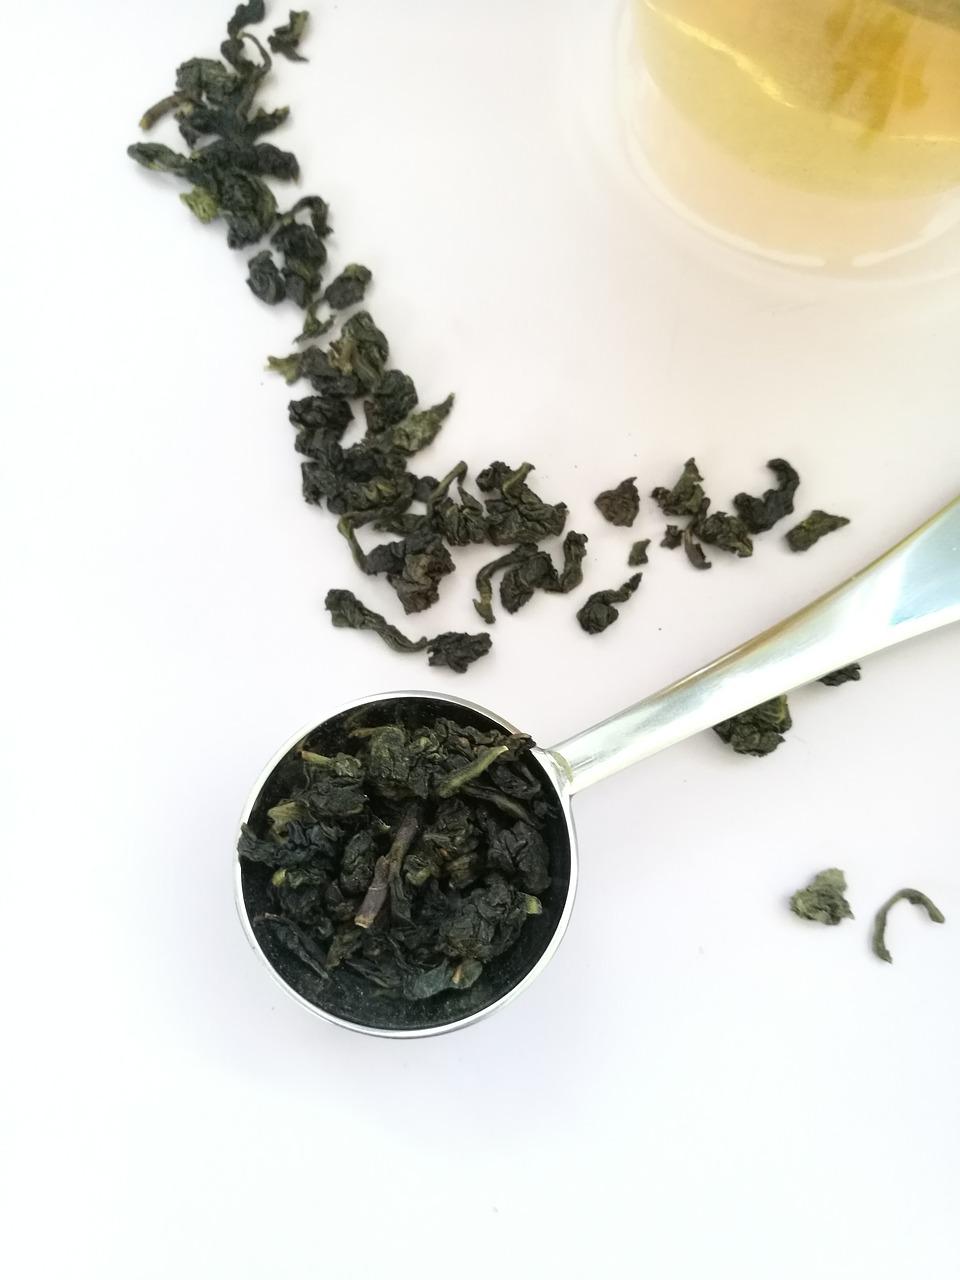 Taste and Appearance of Oolong Tea